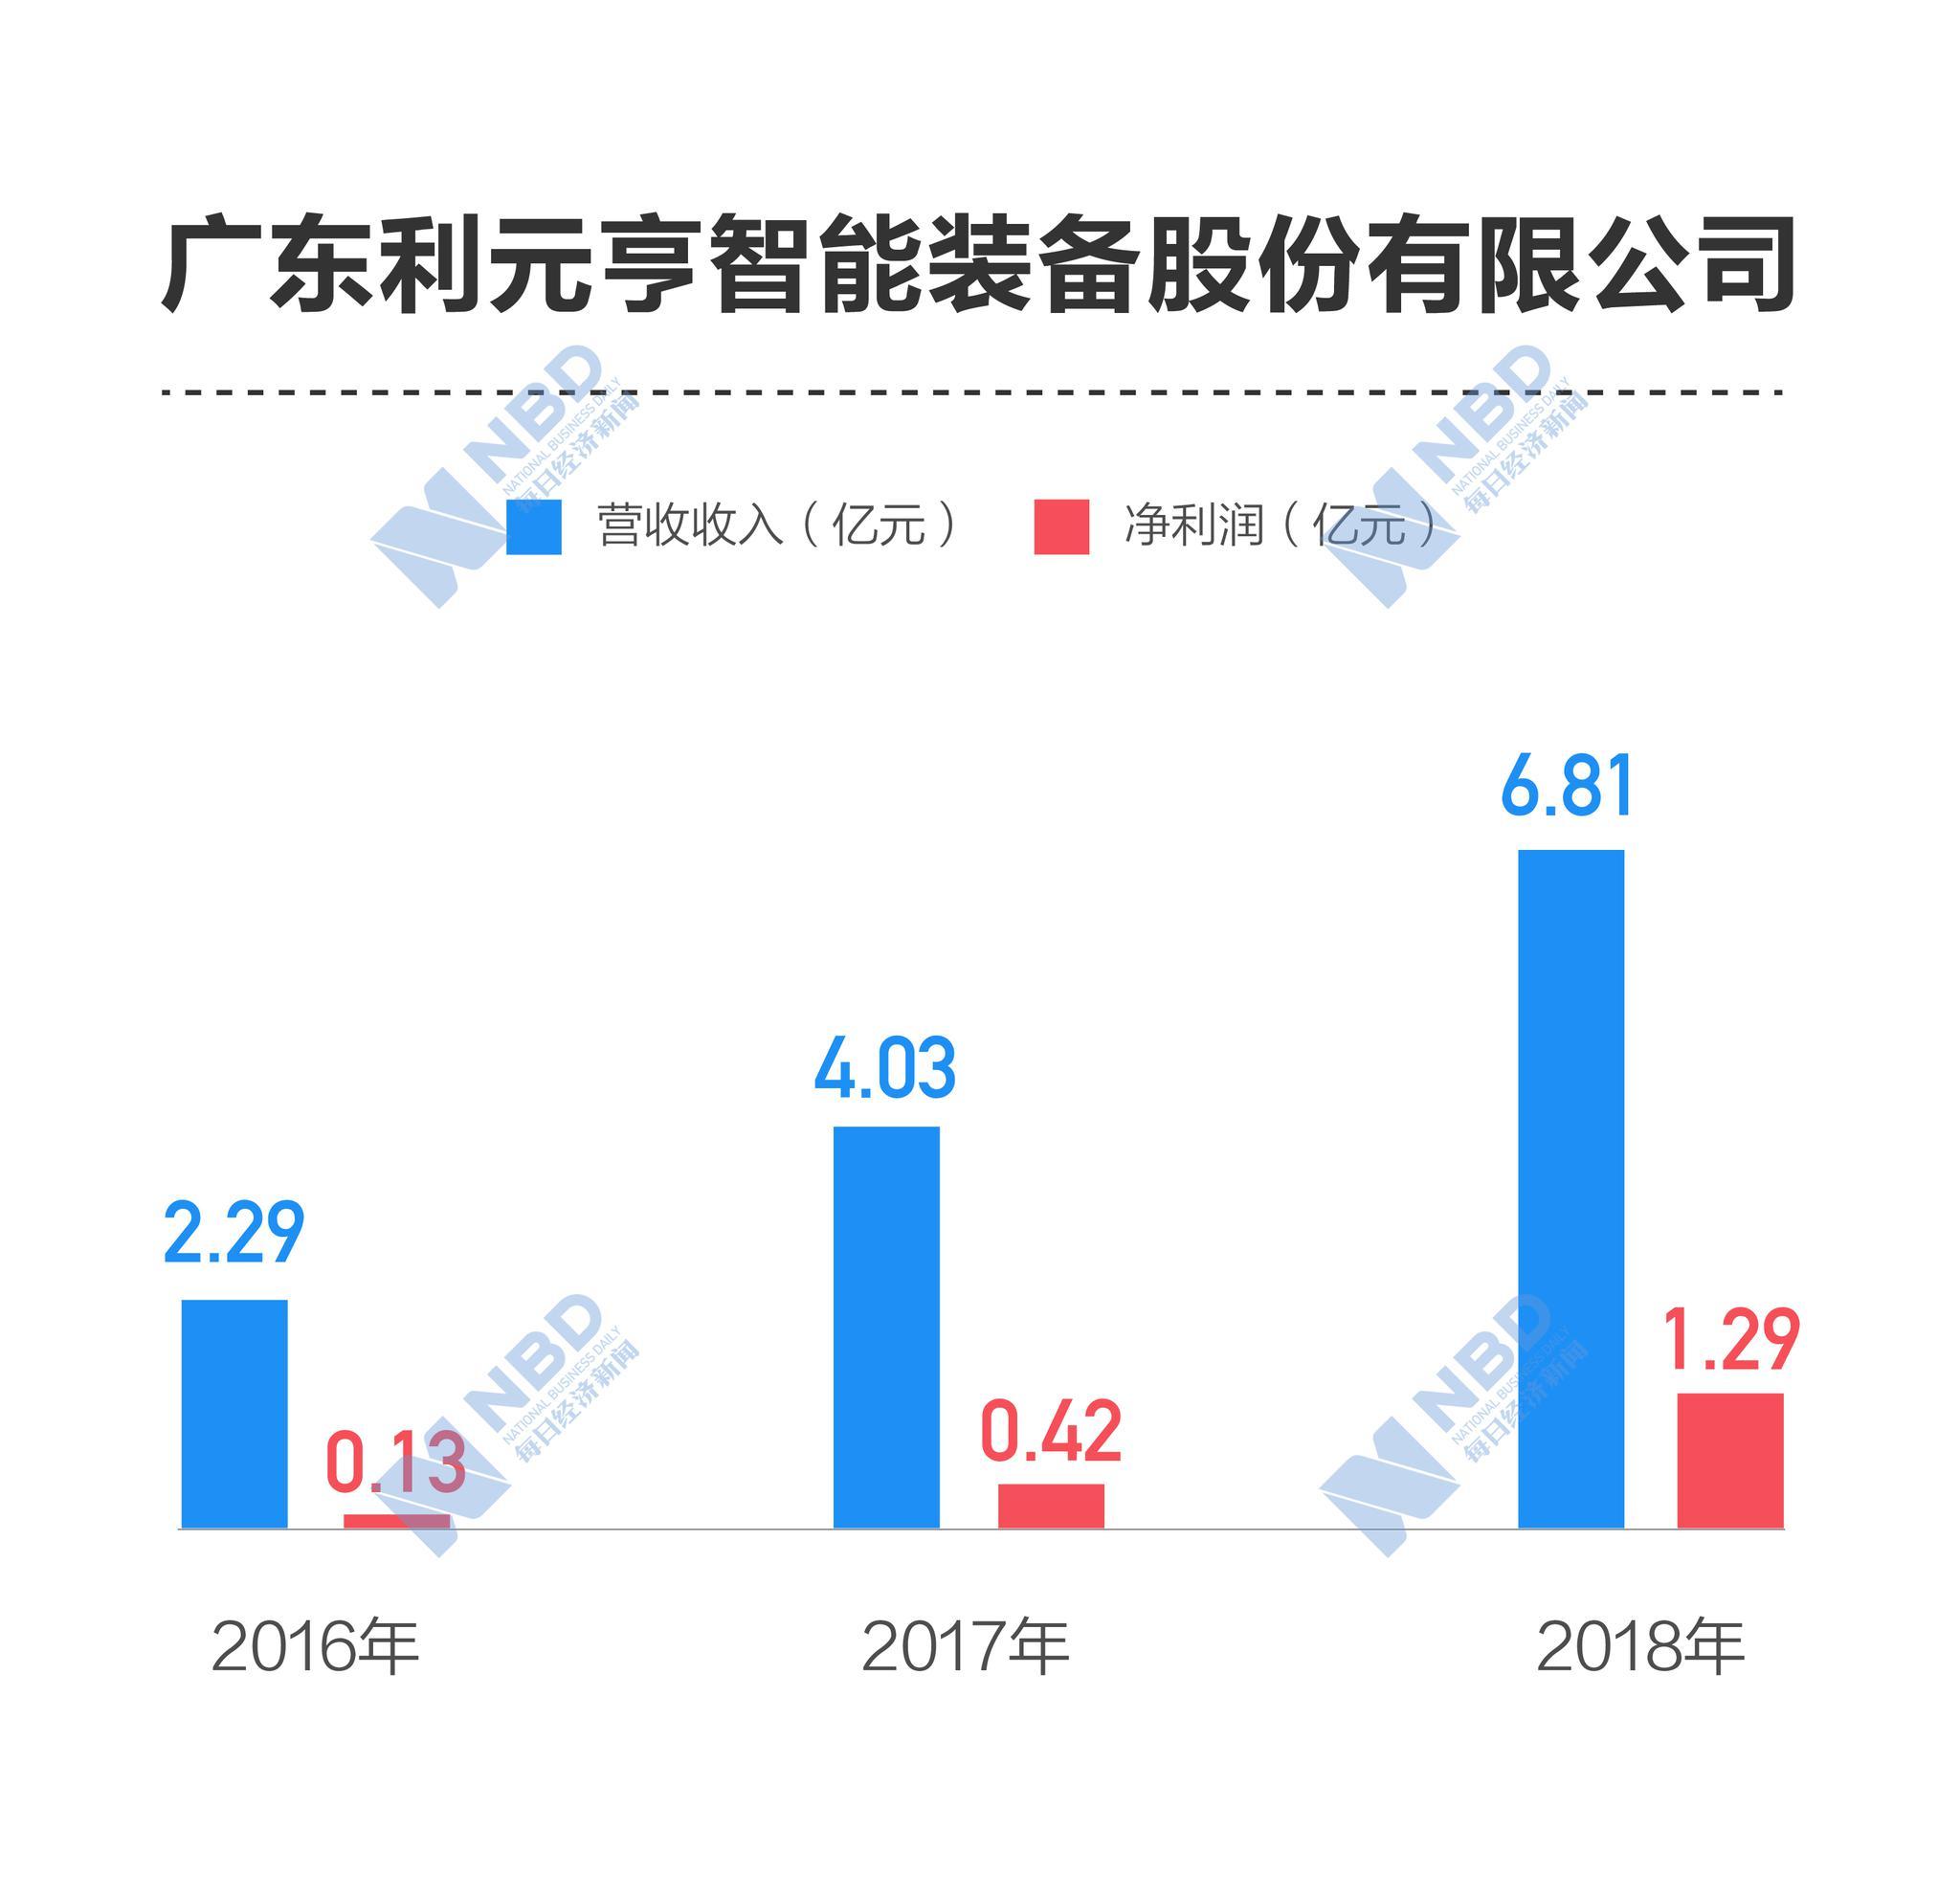 利元亨:申报进程曾因正中珠江被立案调查而中止